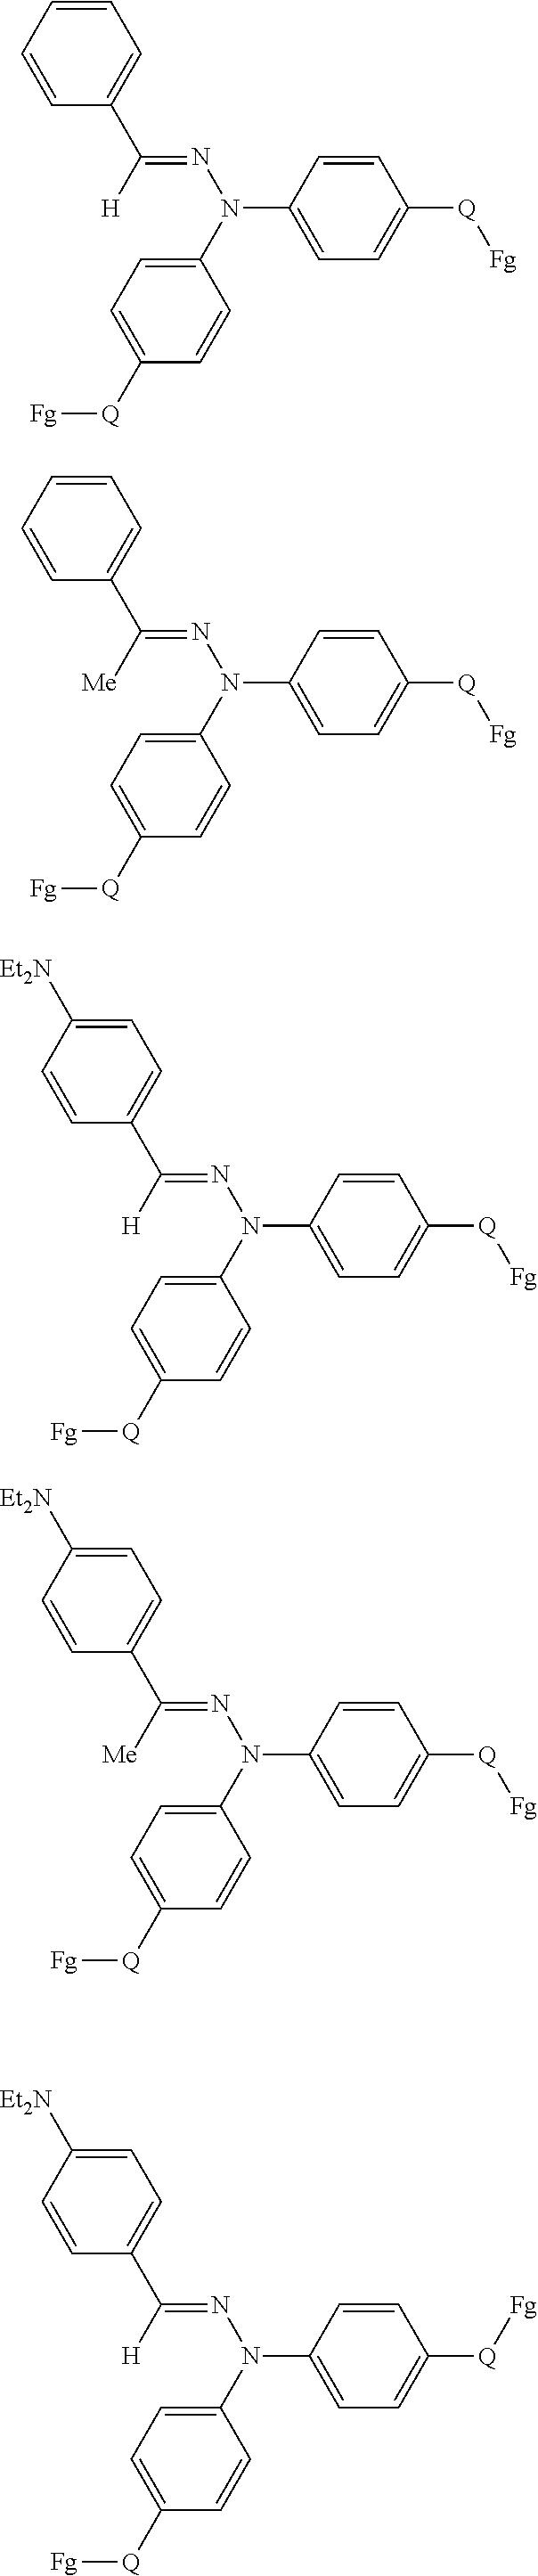 Figure US08591997-20131126-C00014